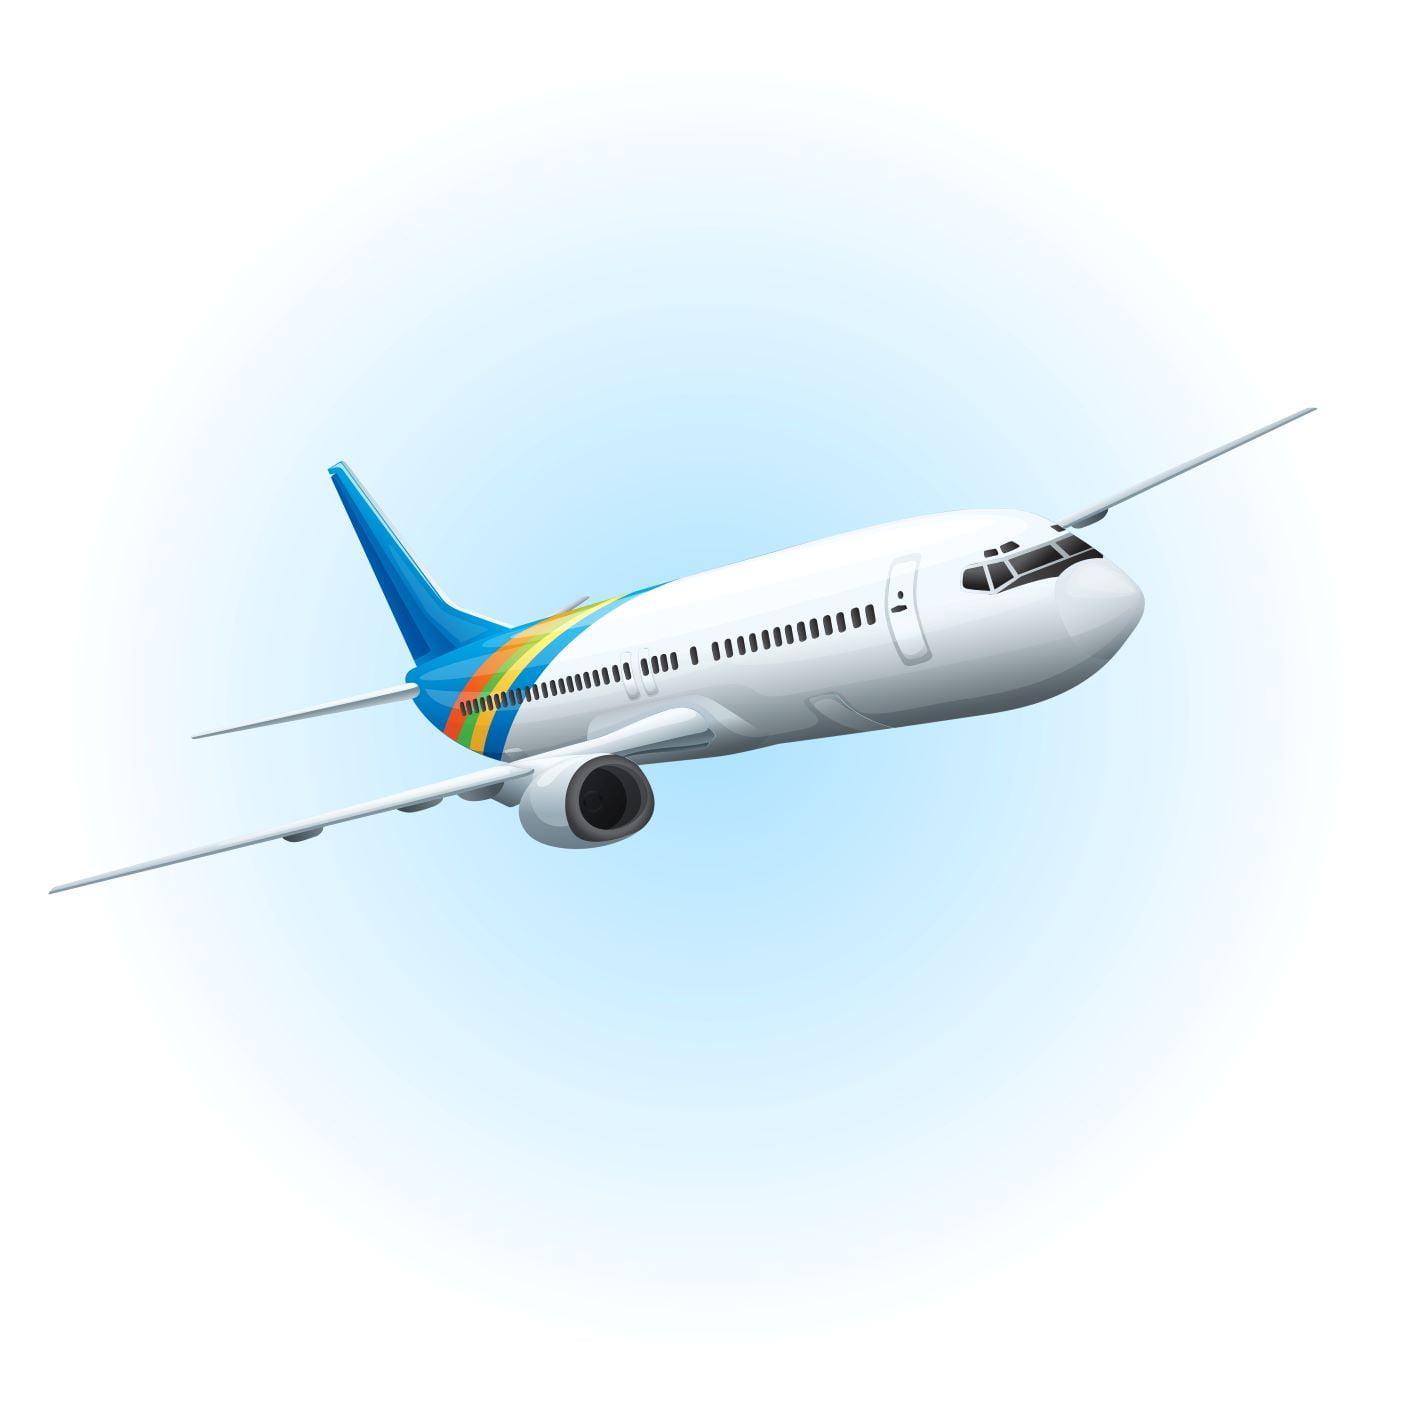 Κορονοϊός: Νέες αεροπορικές οδηγίες - Τι ισχύει για τις πτήσεις εσωτερικού και εξωτερικού